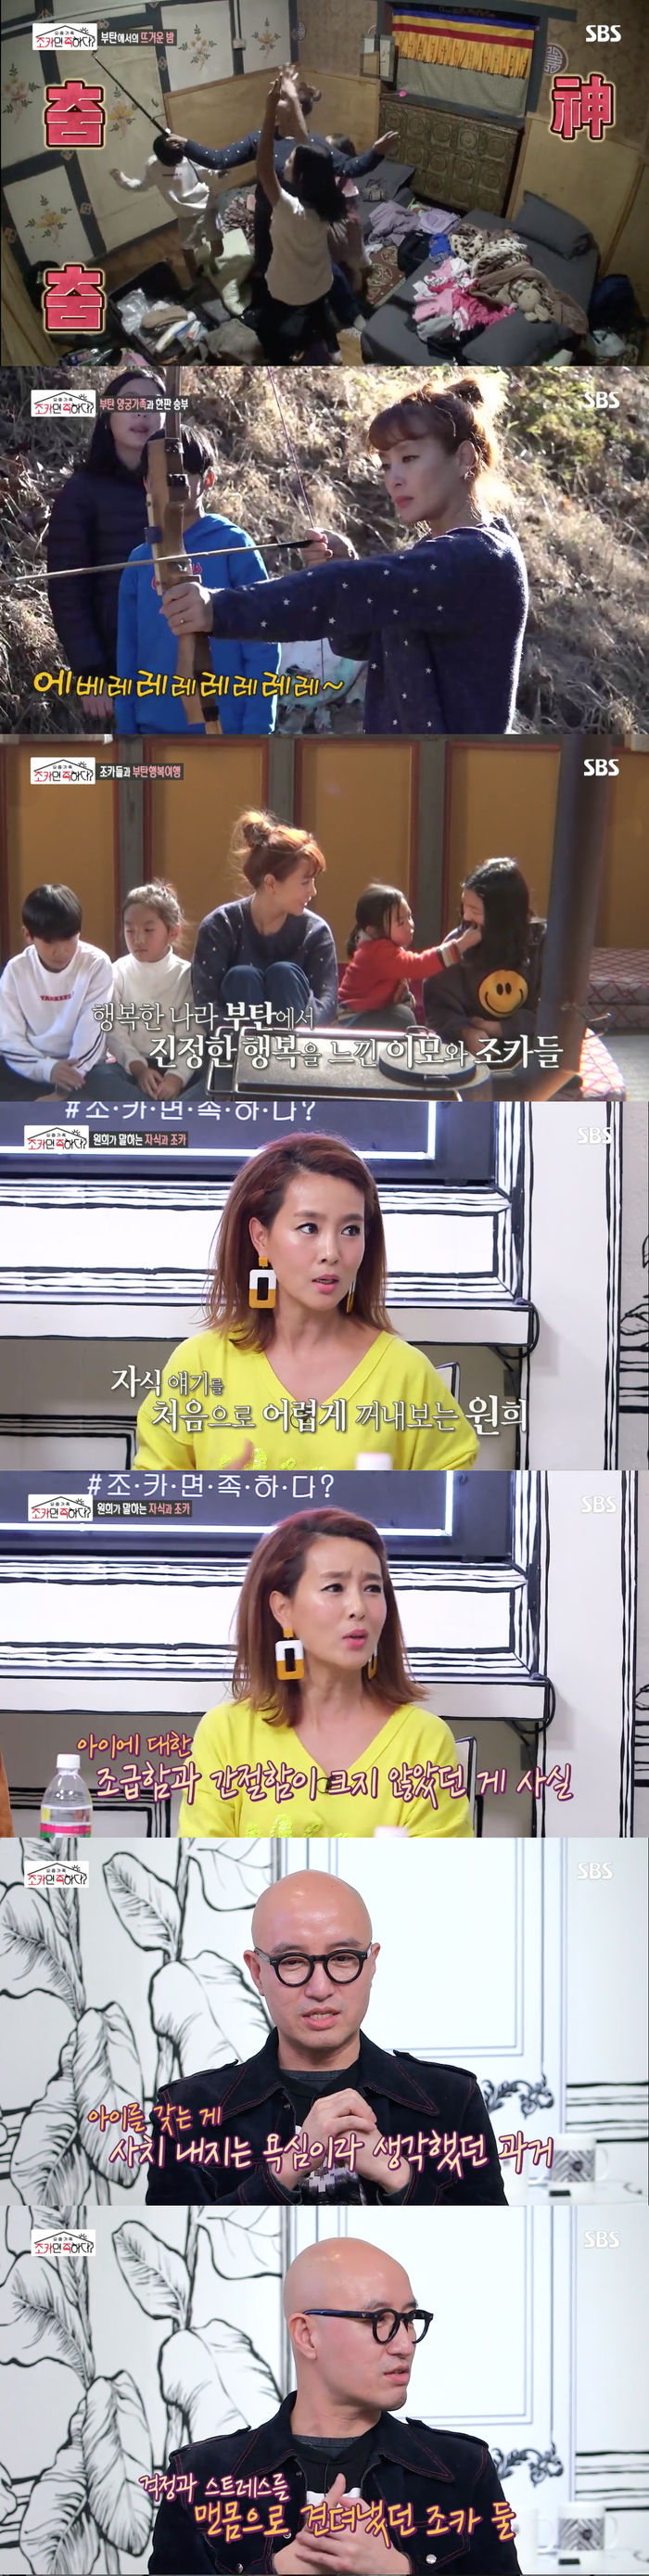 """[스브스夜] '조카면 족하다' 김원희 """"아이 낳지 않는 이유""""…그녀가 처음 밝힌 사연은?"""